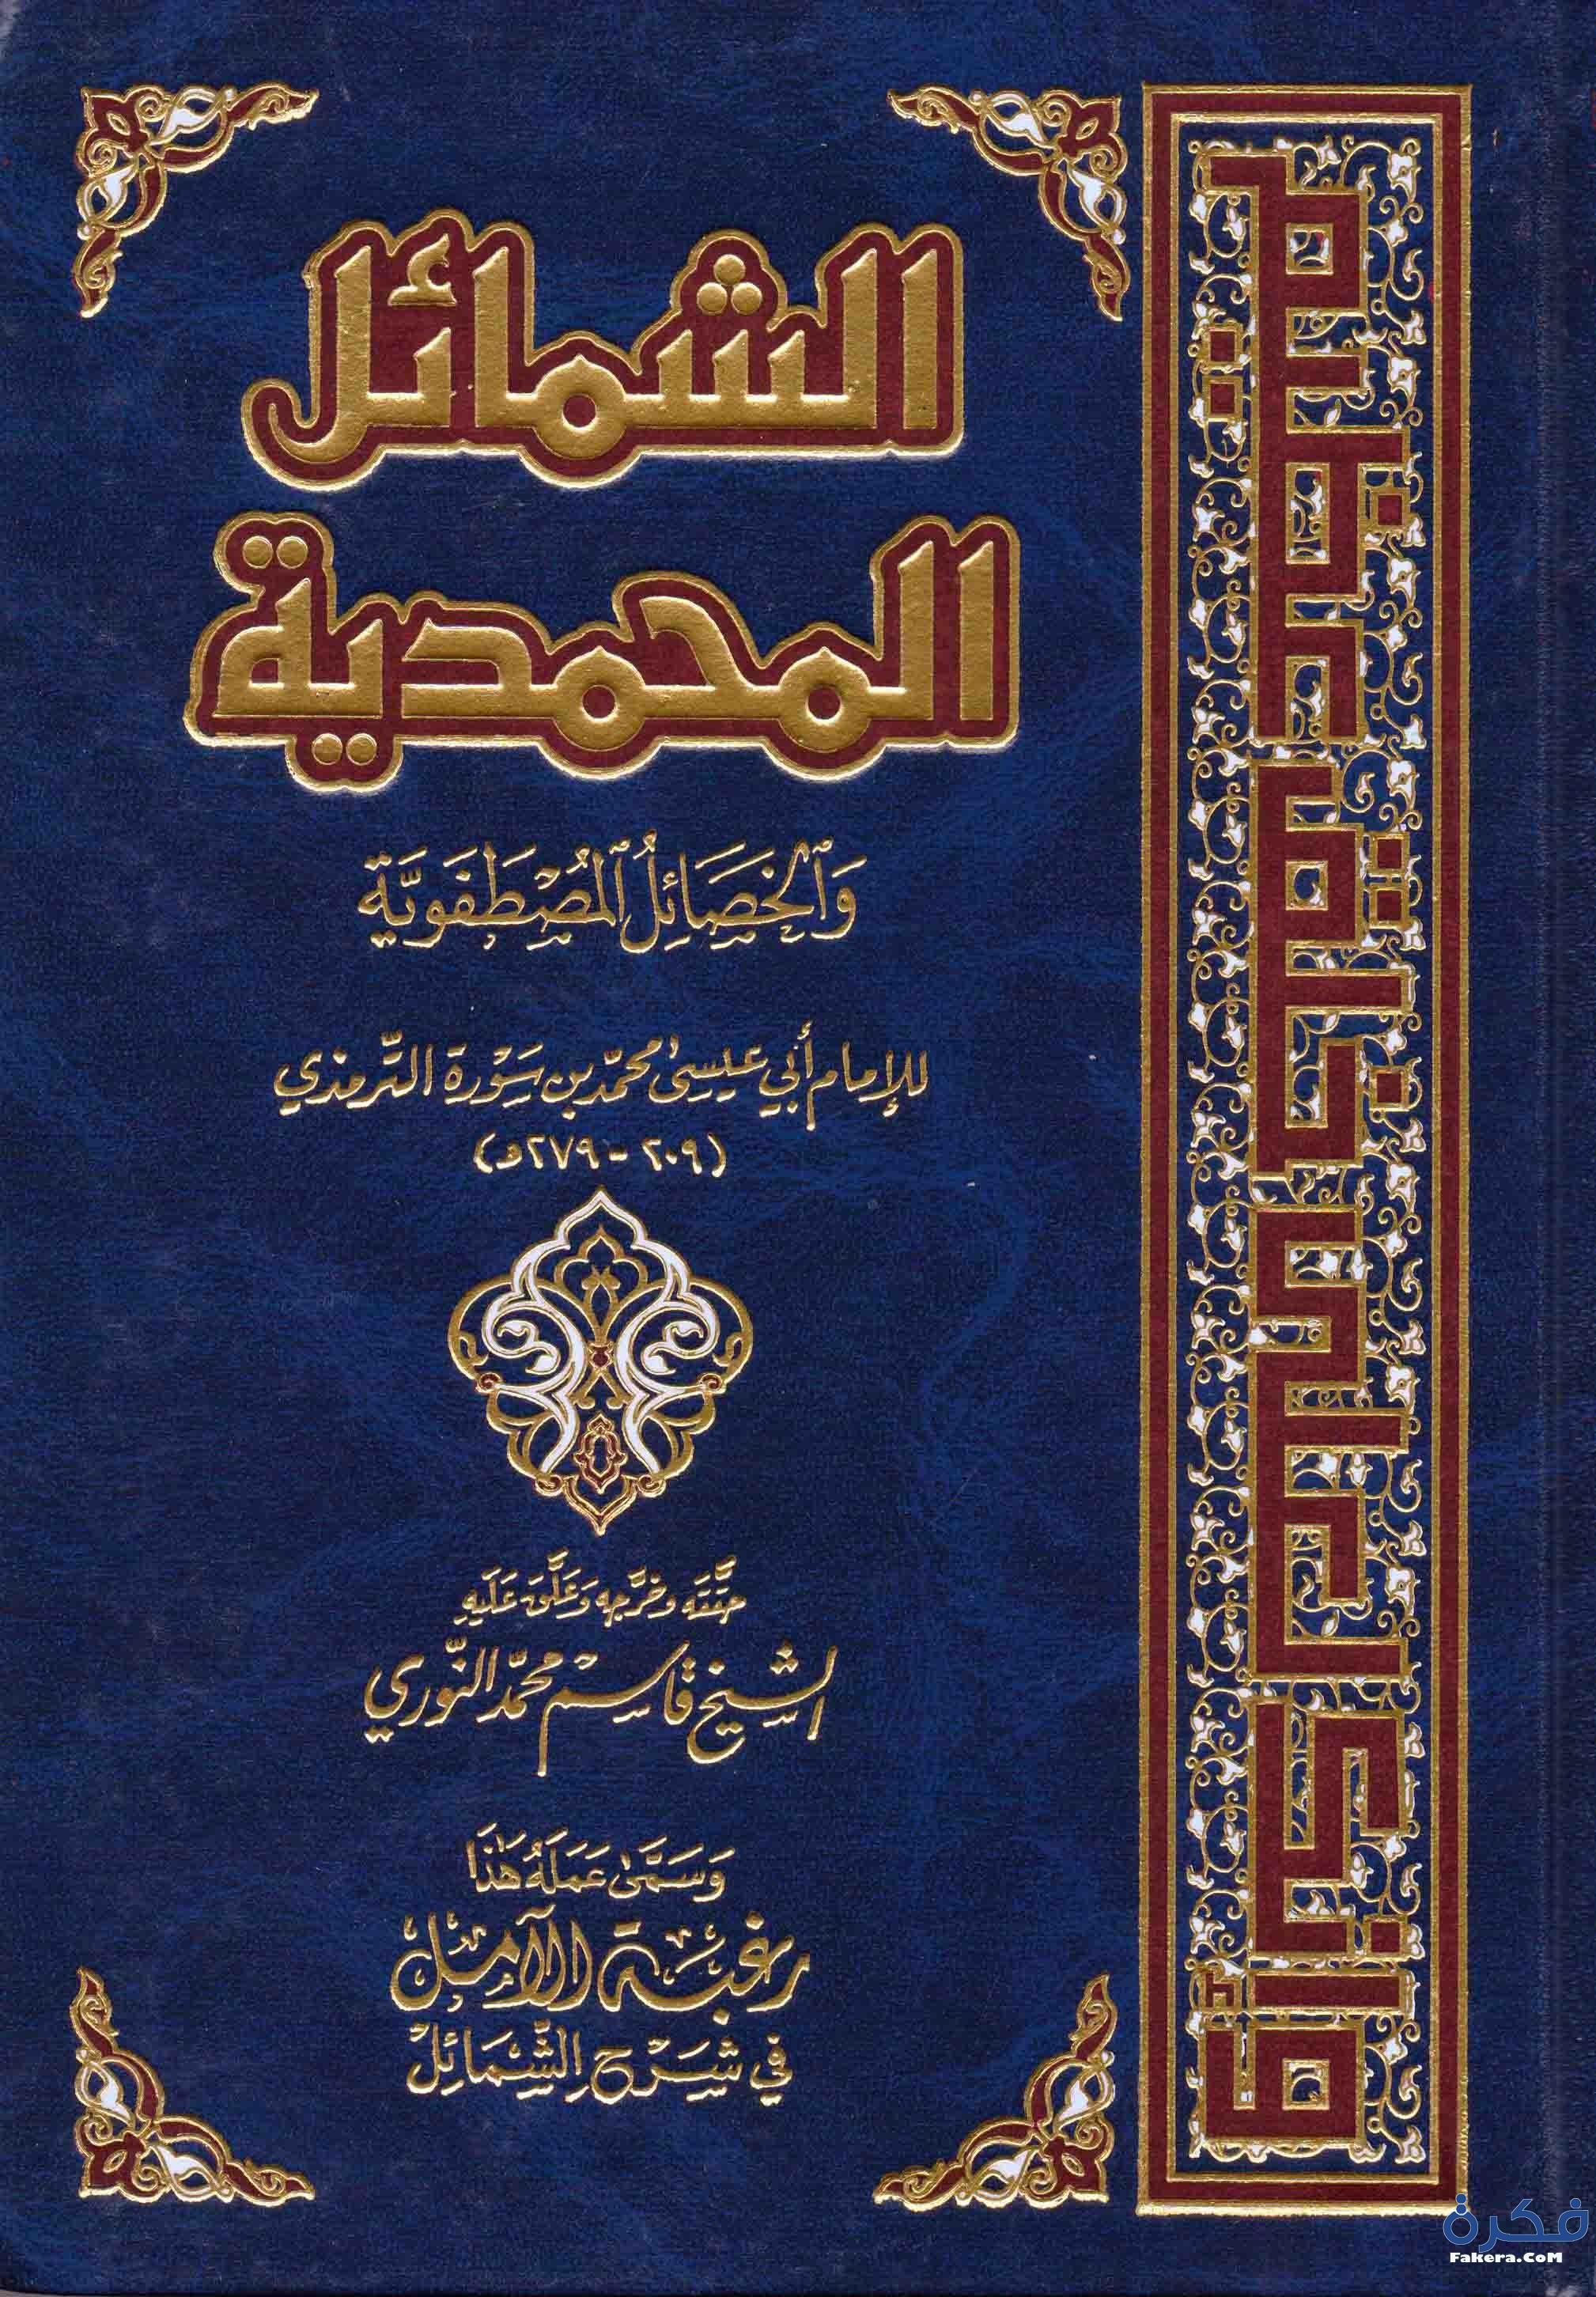 كتاب الشمائل المحمدية للترمذي pdf